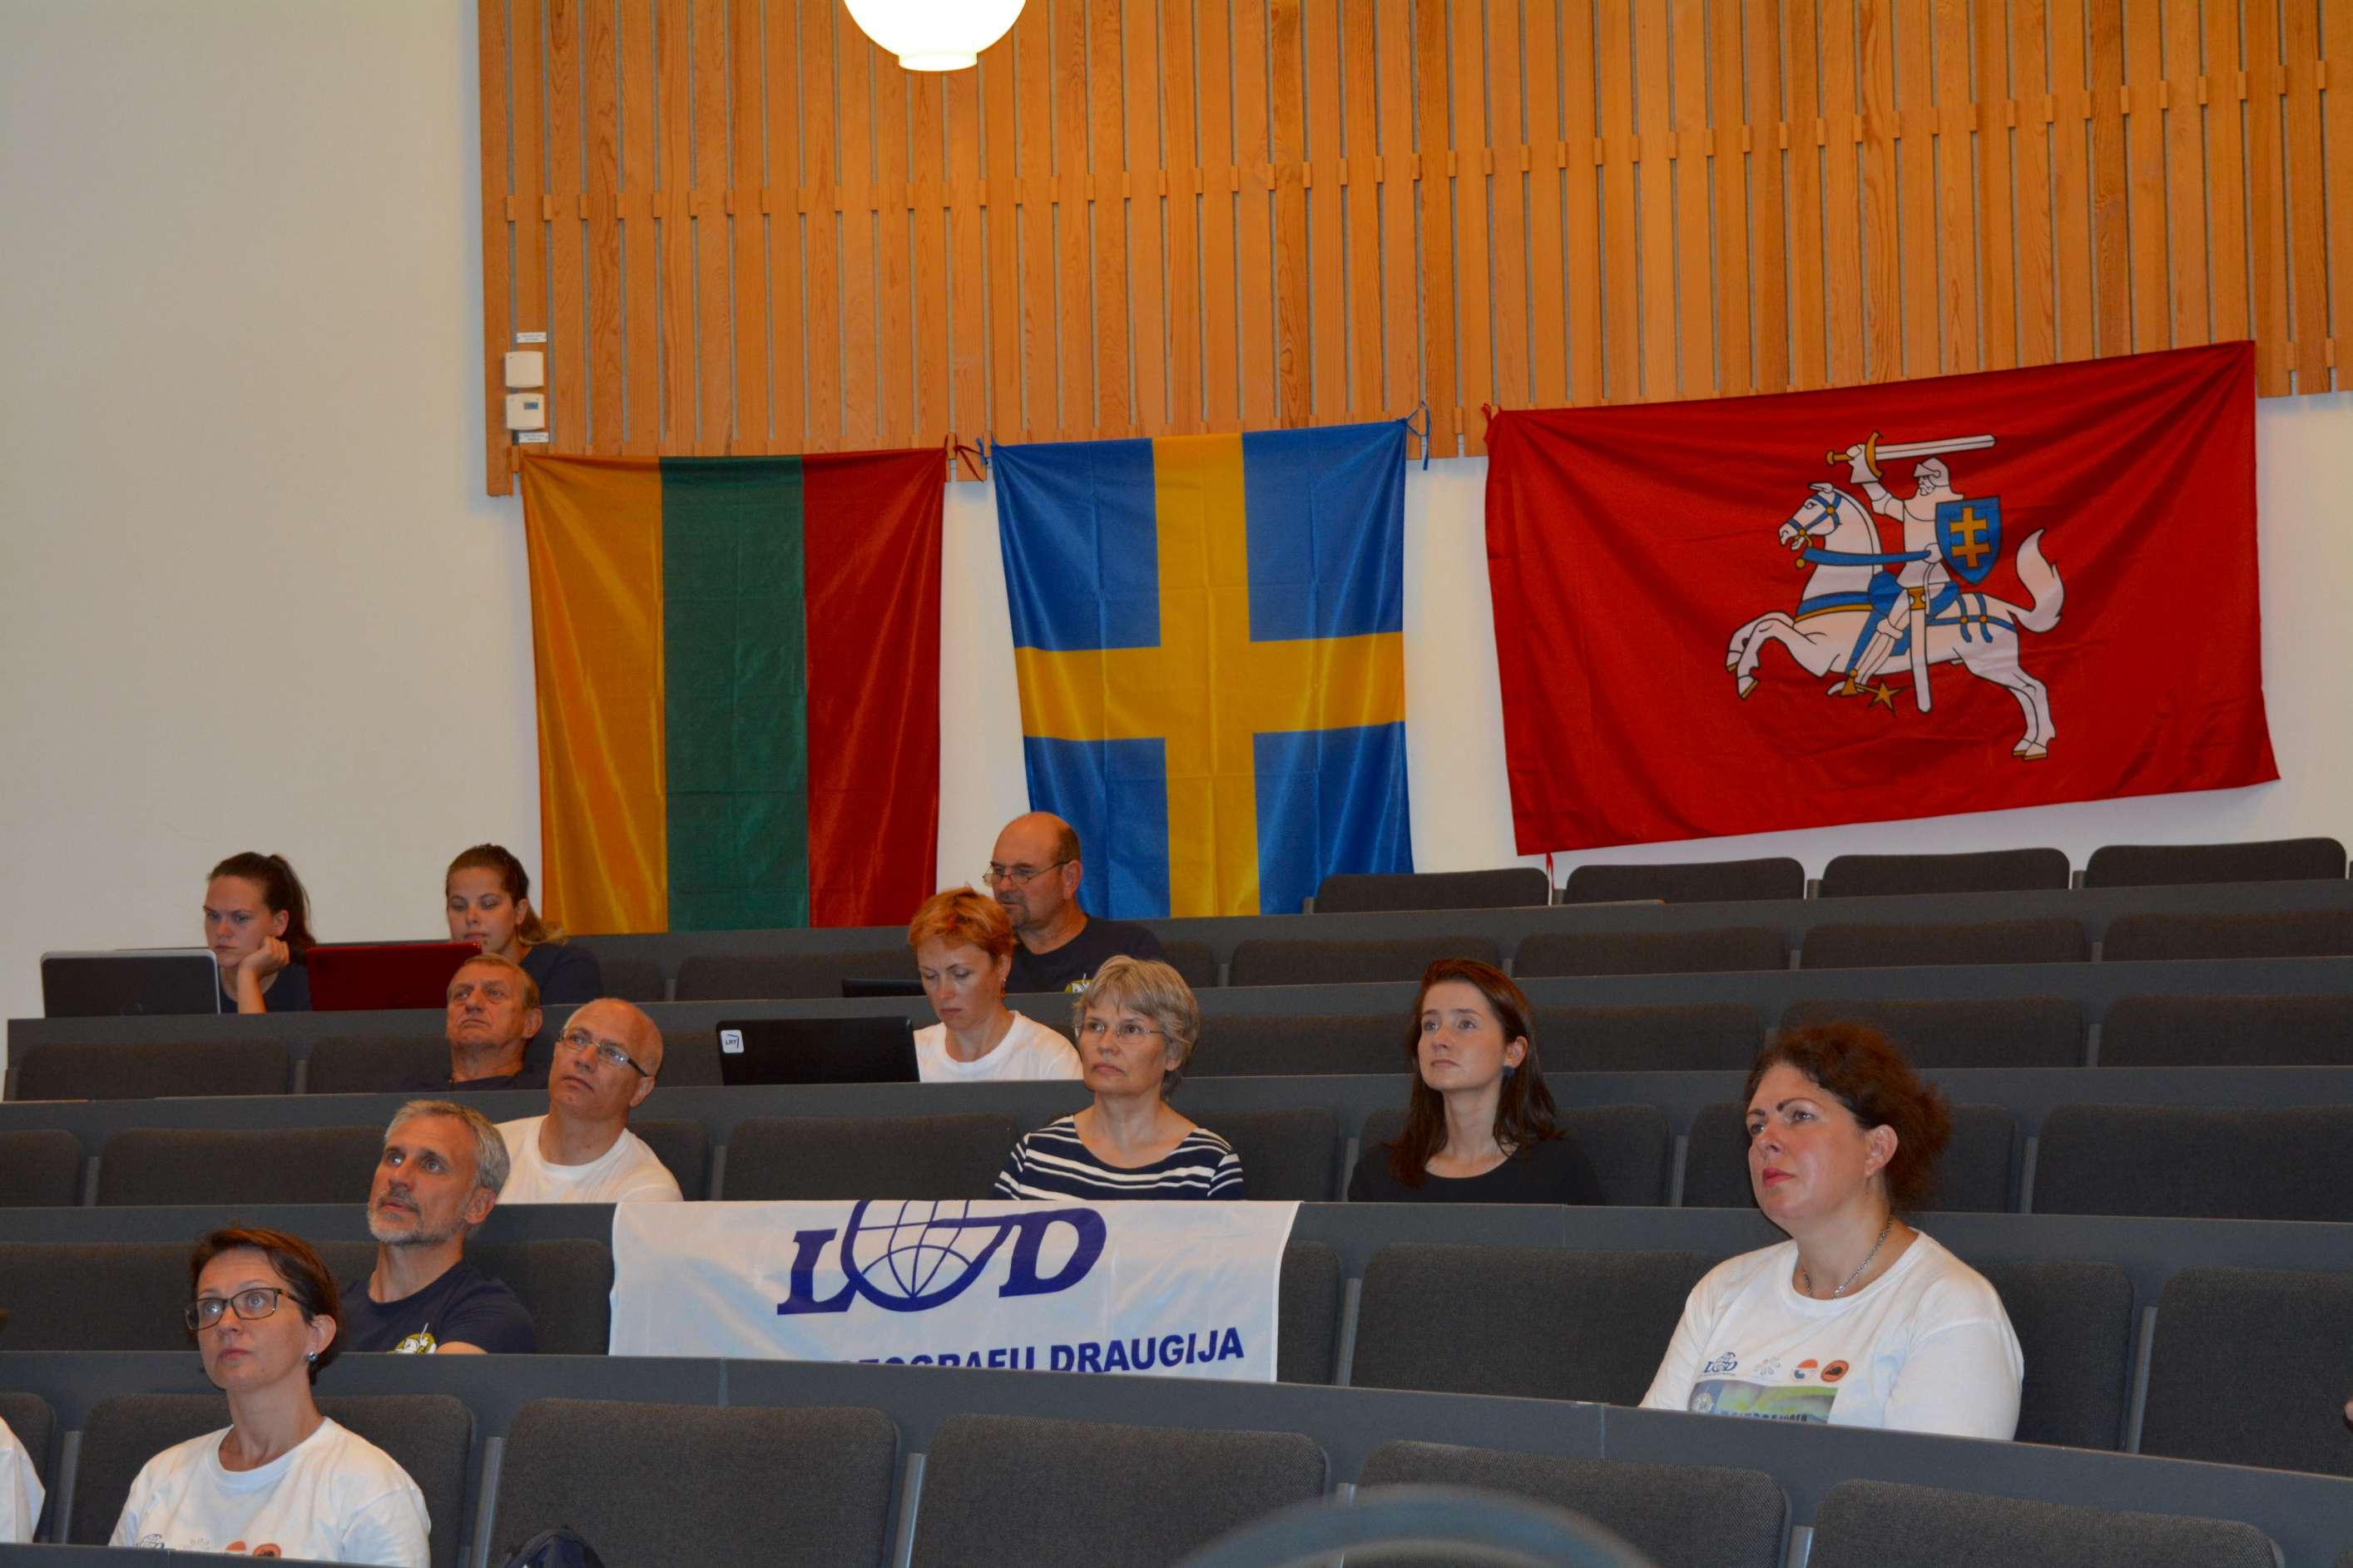 Baltoskandija'16 keliauja aplink Baltijos jūrą | Alkas.lt, G. Statinio nuotr.